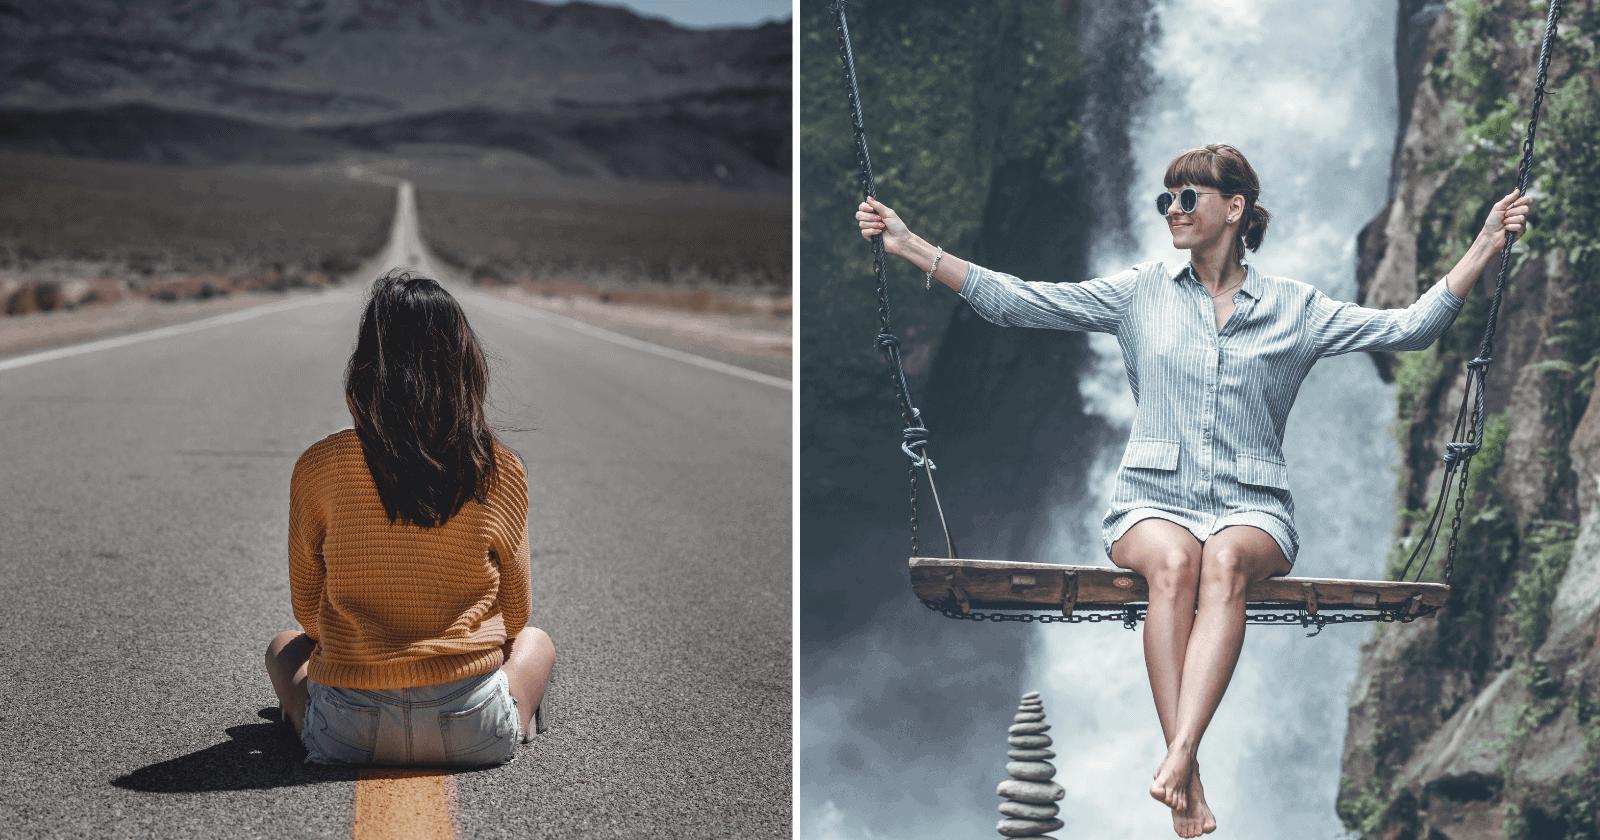 100 Legendas para Fotos Tumblr: as melhores e mais criativas!